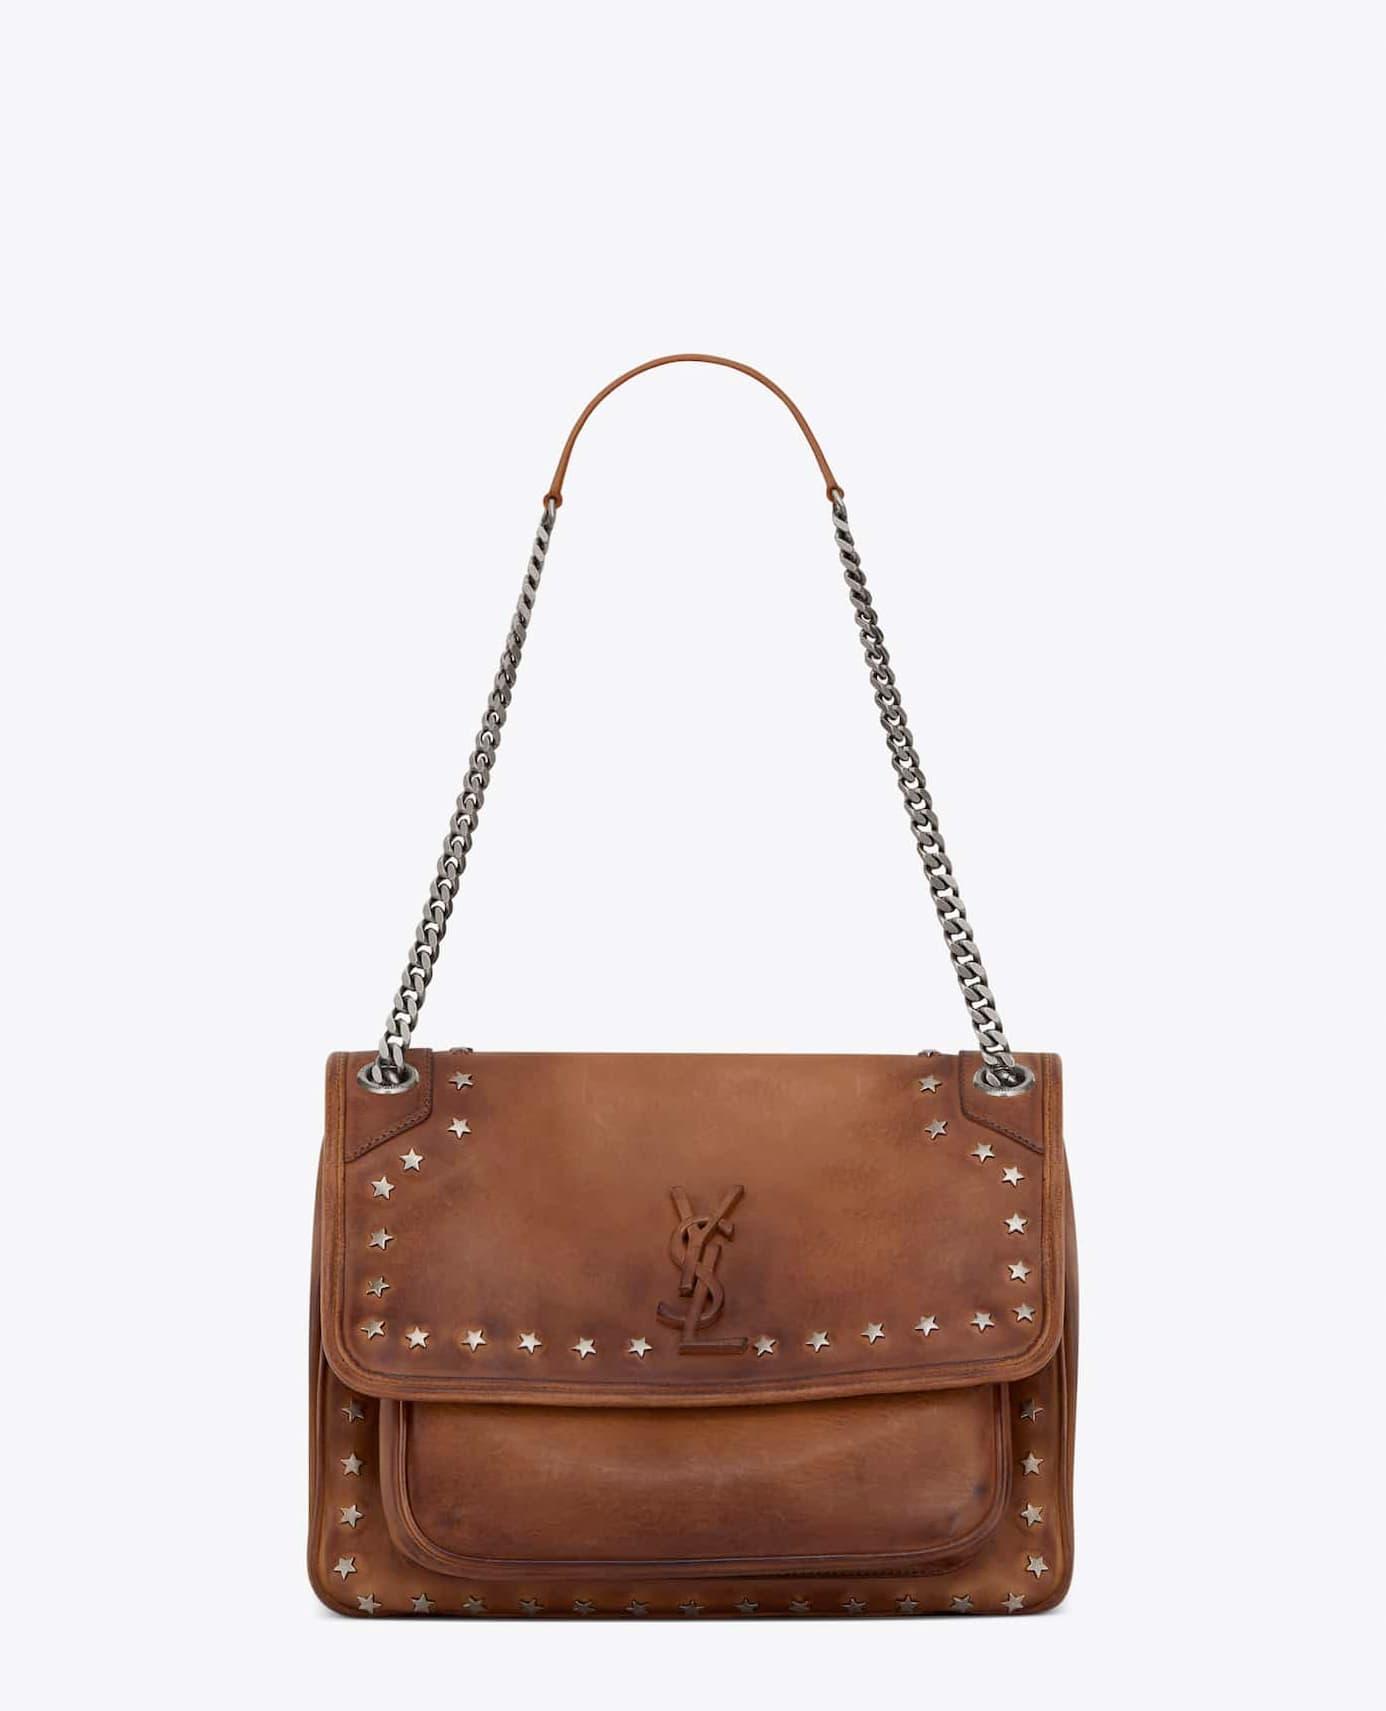 Medium Niki in Brown Vintage (HK$25,500)